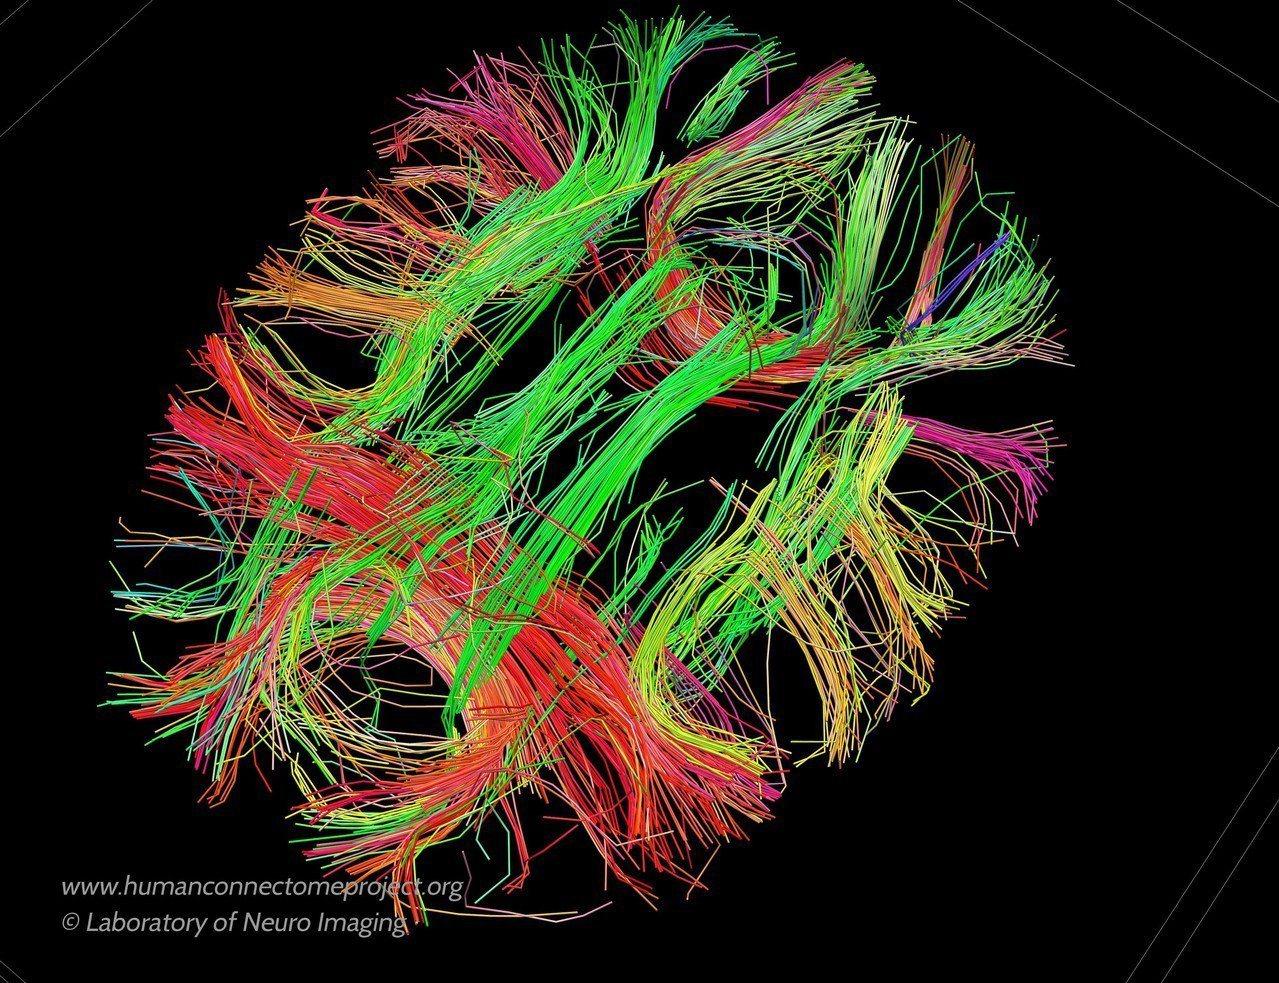 美國神經影像實驗室提供的圖片顯示,人腦中訊息傳遞的路徑。(美聯社)